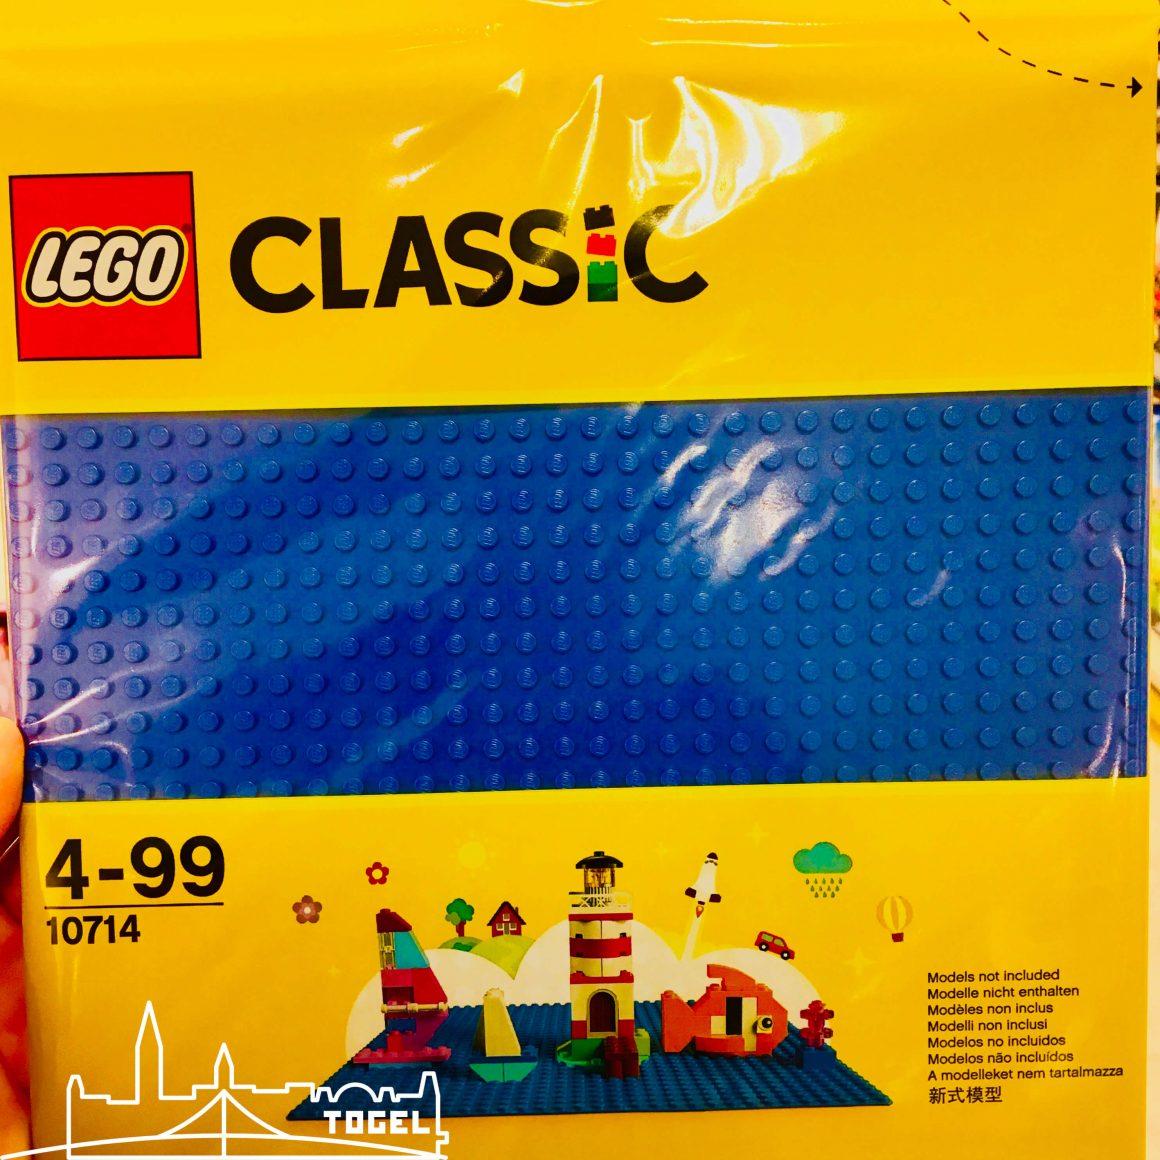 Lego Classic blaue Bauplatte 10714 seit Anfang 2018 im Handel erhältlich.